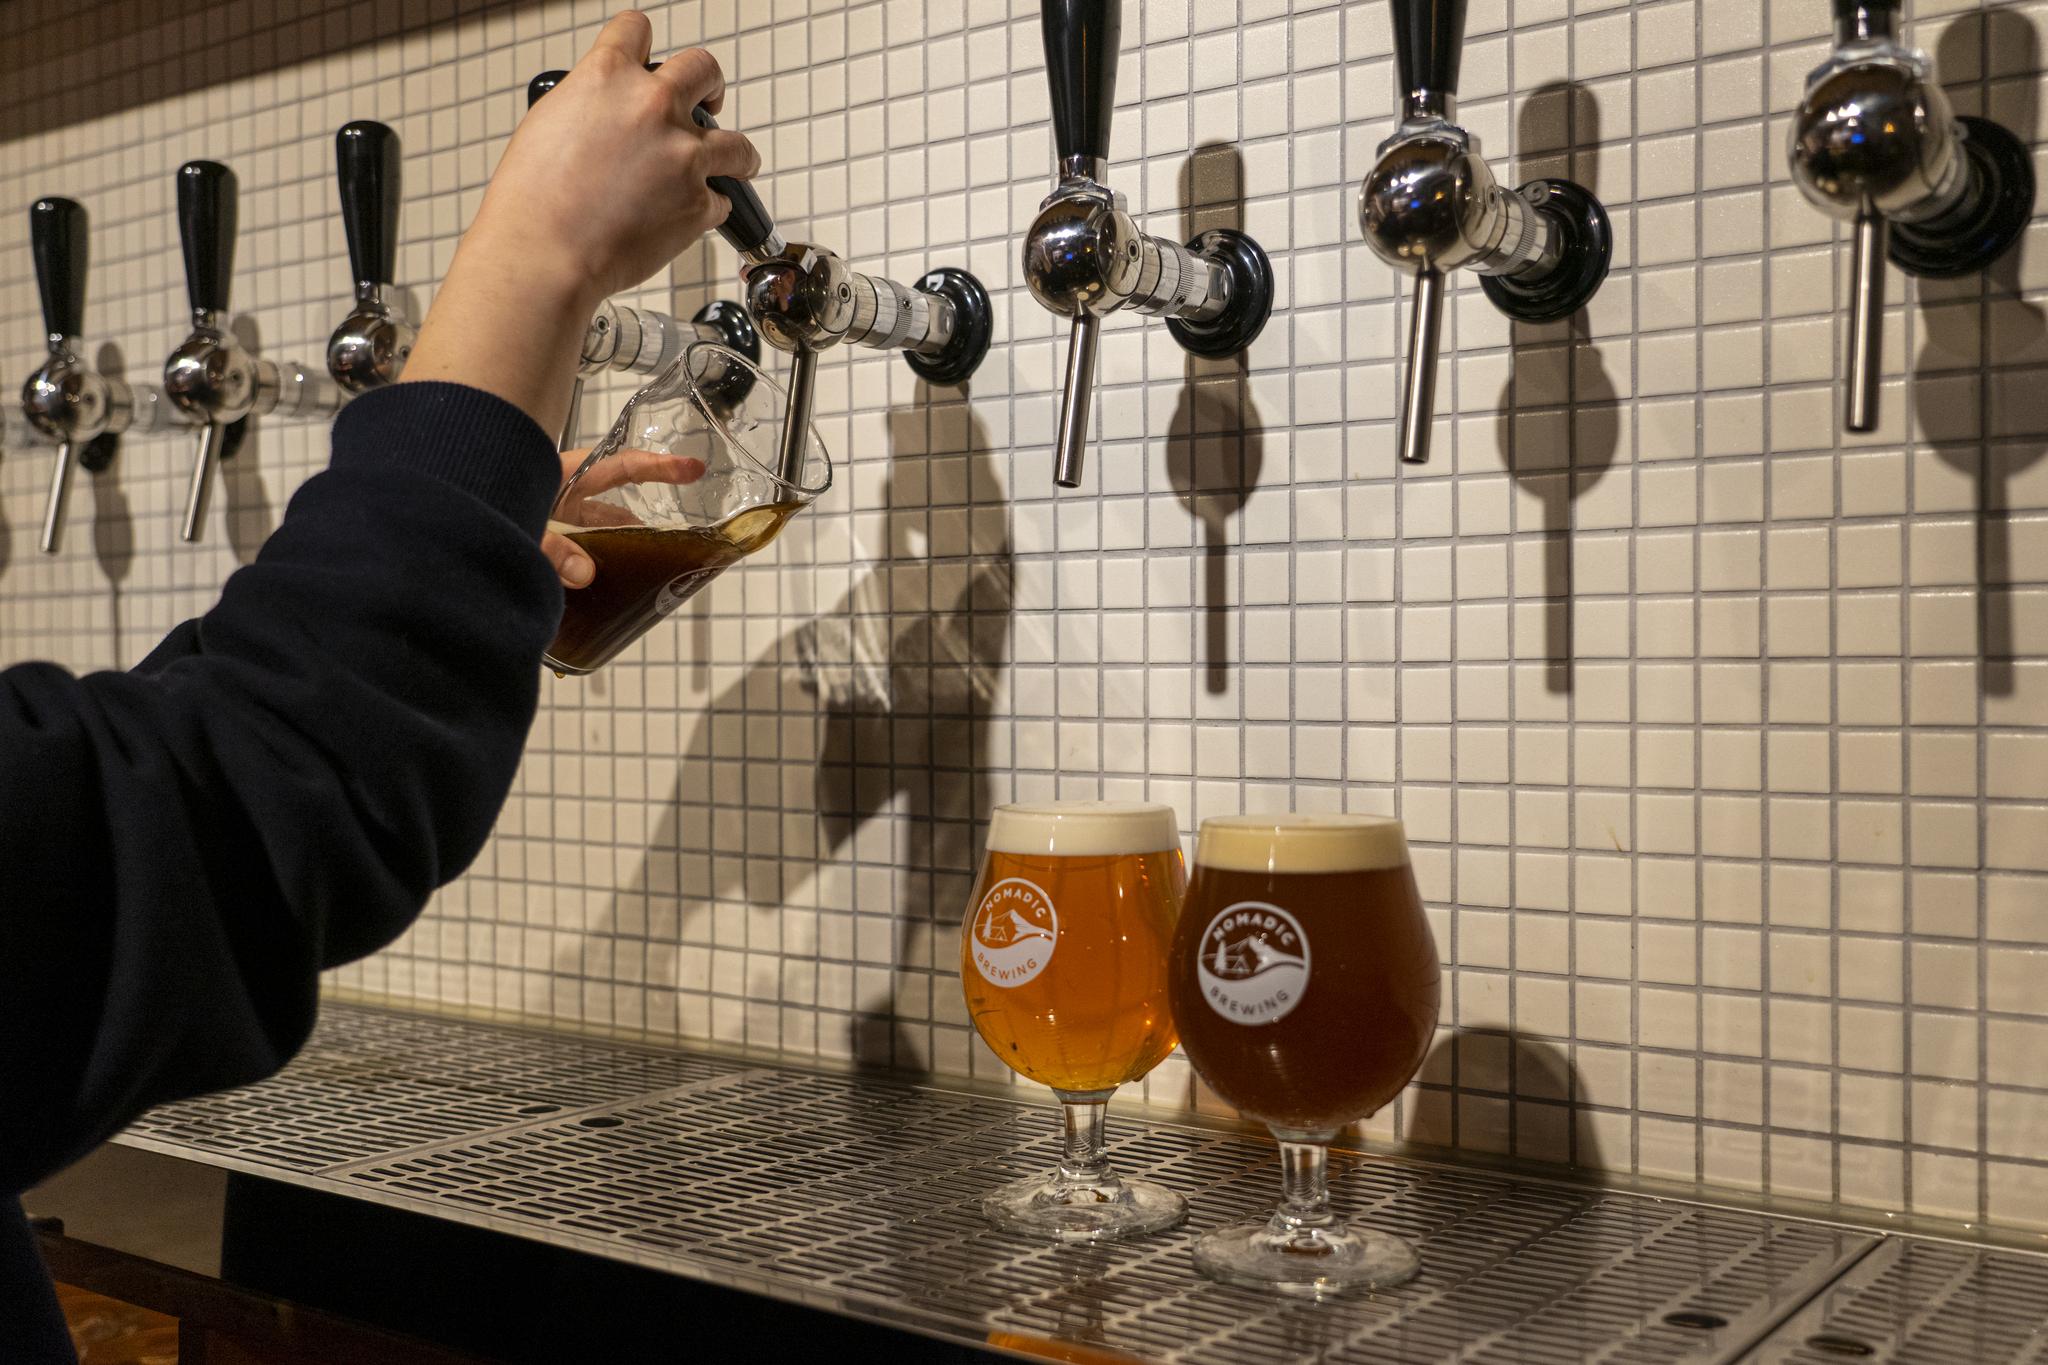 한옥마을 크레프트 맥줏집 '노매딕'. 양조장에서 직접 빚은 신선한 맥주를 맛볼 수 있다.